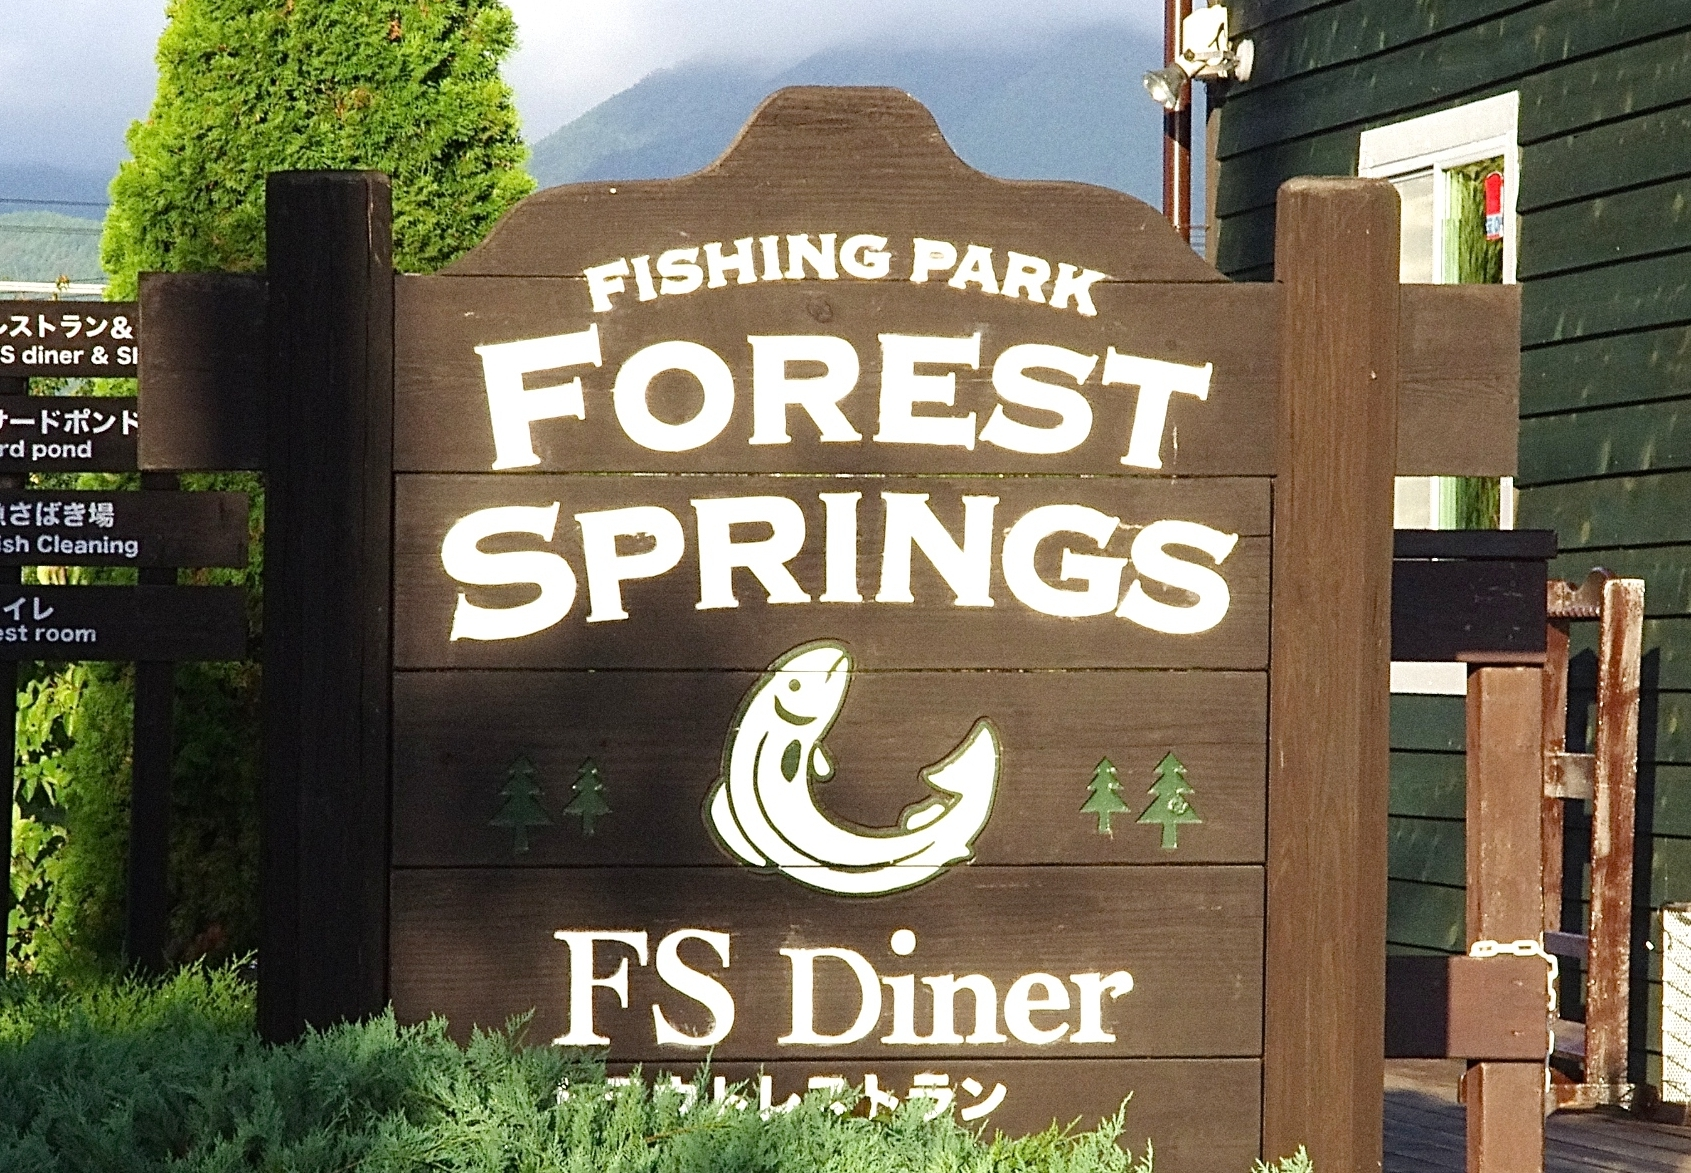 開成水辺フォレストスプリングスの攻略法は?釣れるルアーやポイントをご紹介!